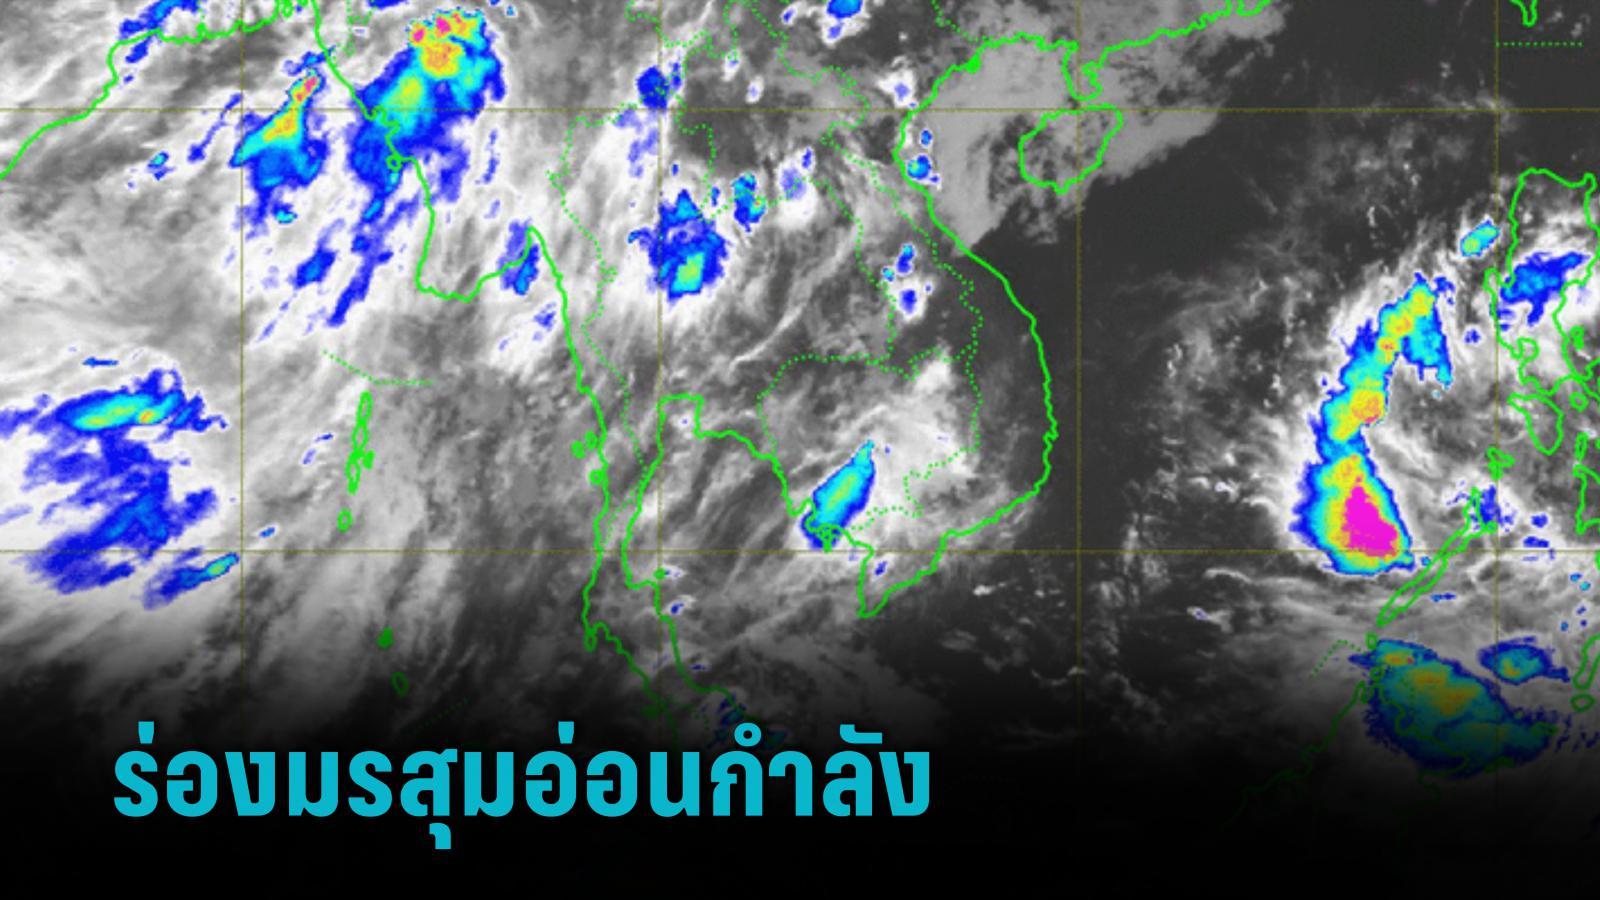 อุตุฯ เผย ร่องมรสุมอ่อนกำลังฝนตกน้อยลง - กทม.ตกร้อยละ 40 ของพื้นที่